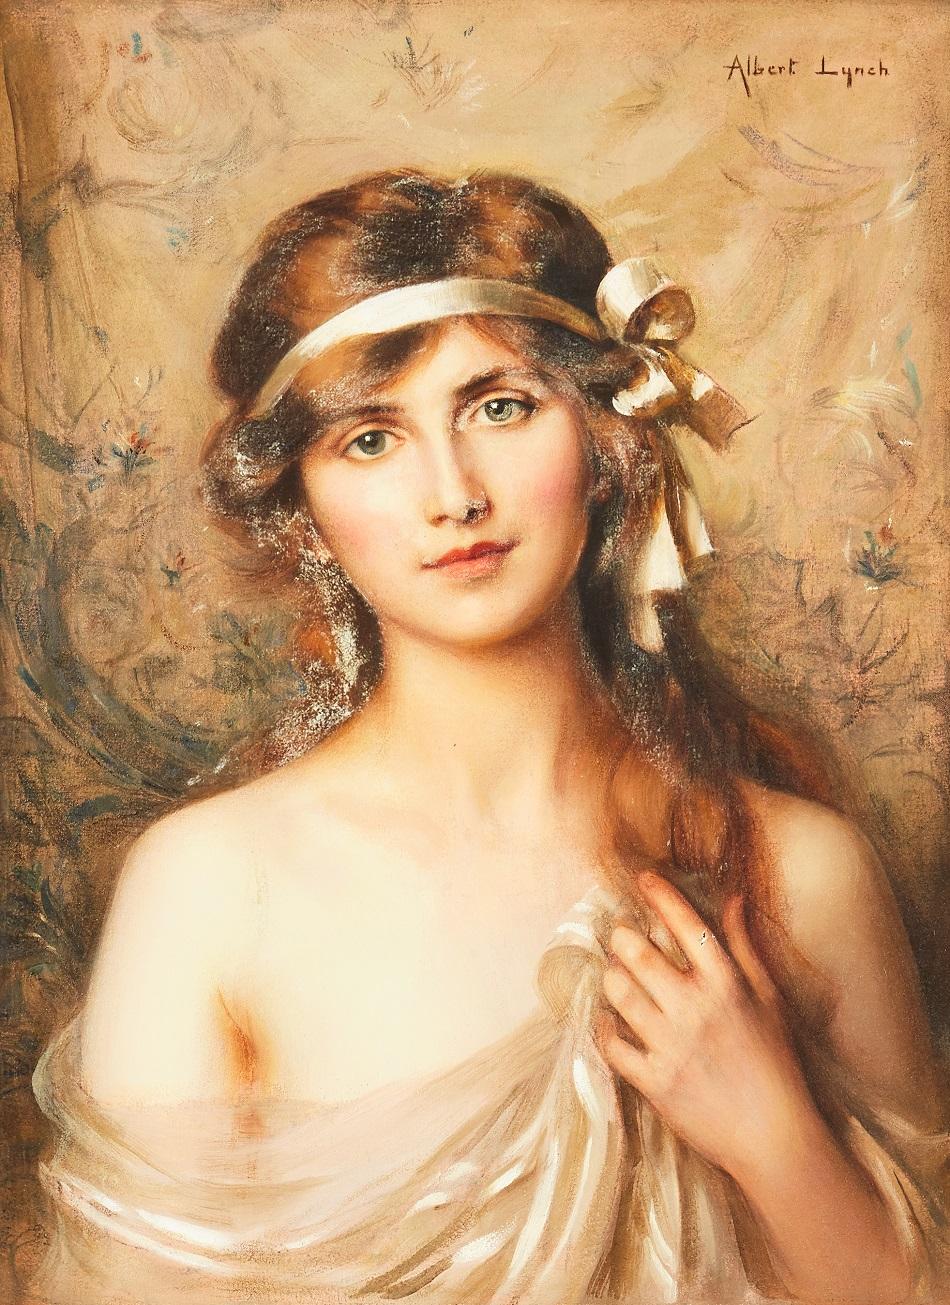 Альберт Линч (1851-1912) Белая лента.jpg